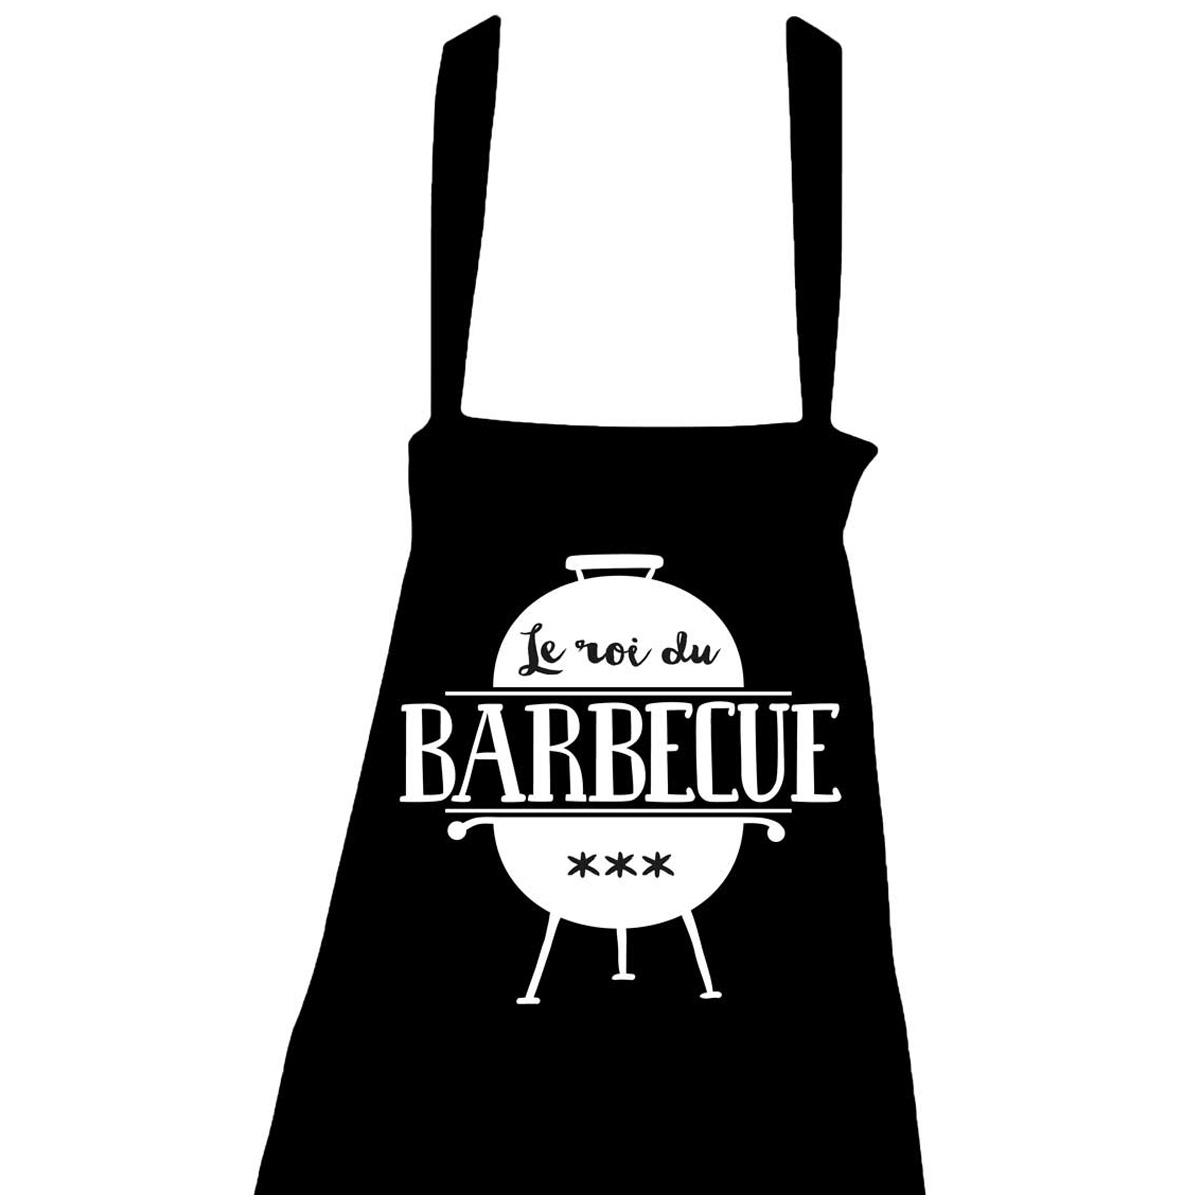 Tablier coton \'Messages\' noir (Le roi du Barbecue - barbecue) - taille unique - [R1449]